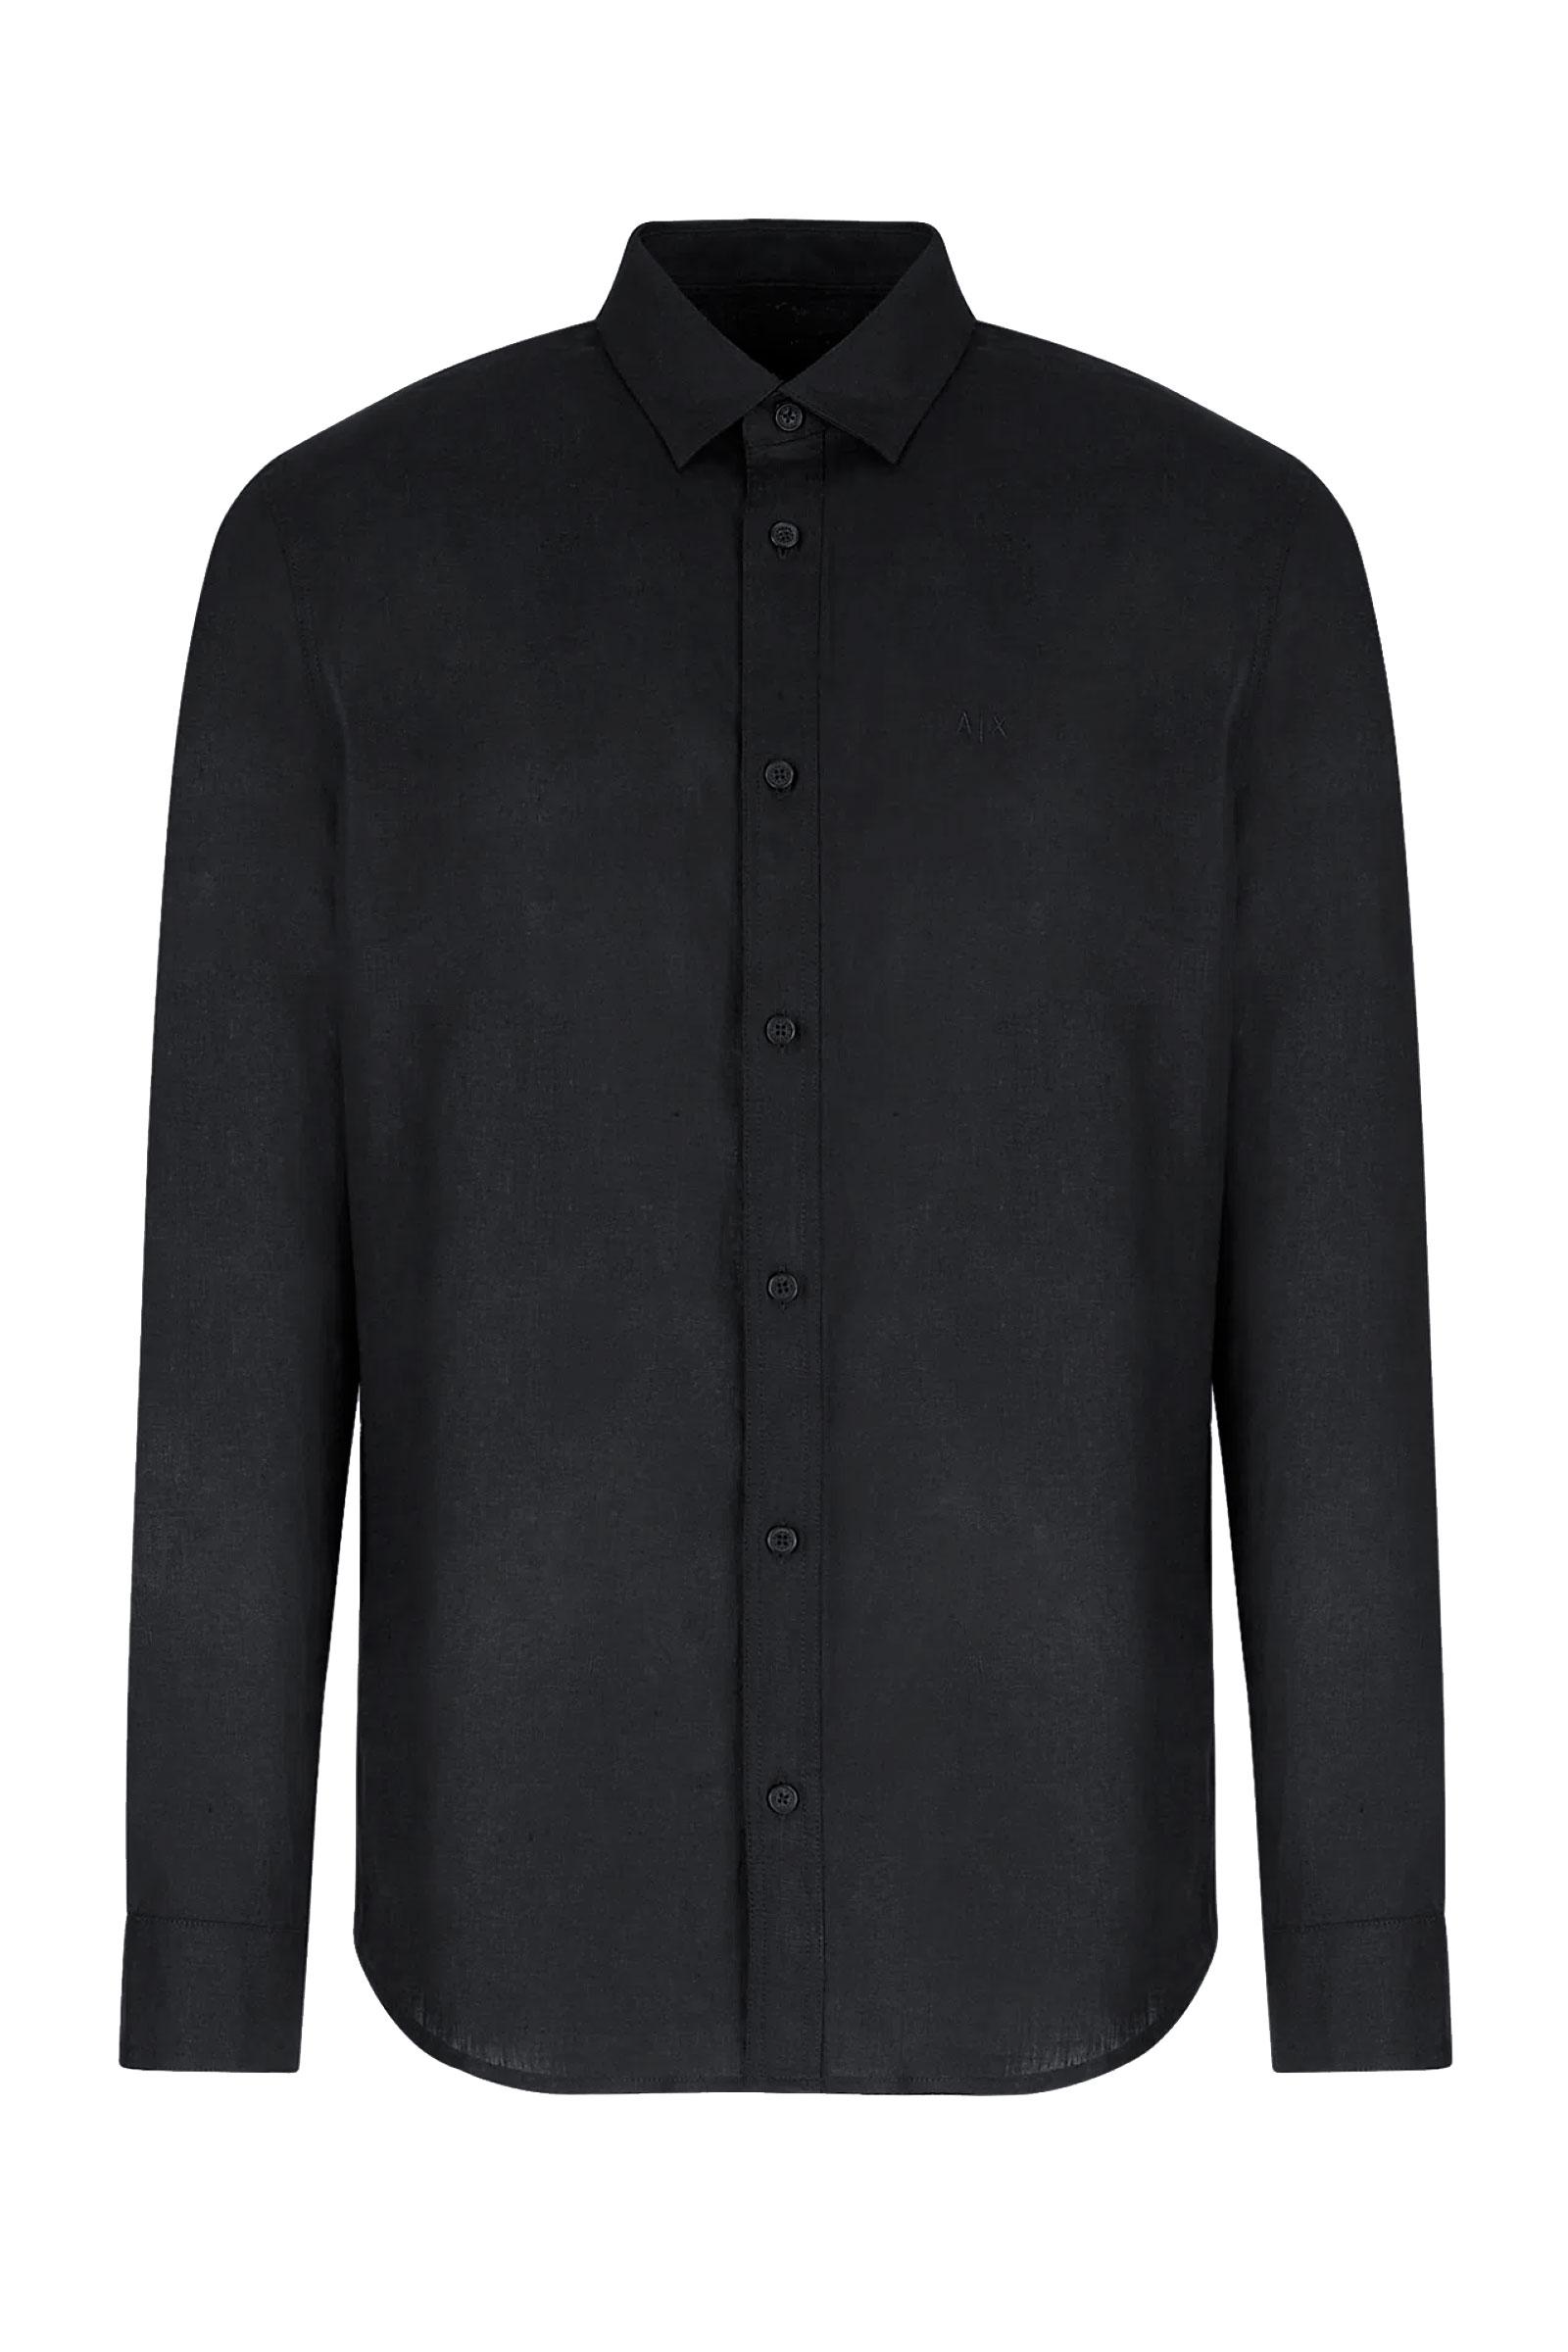 ARMANI EXCHANGE | Shirt | 3KZC50 ZNCFZ1200